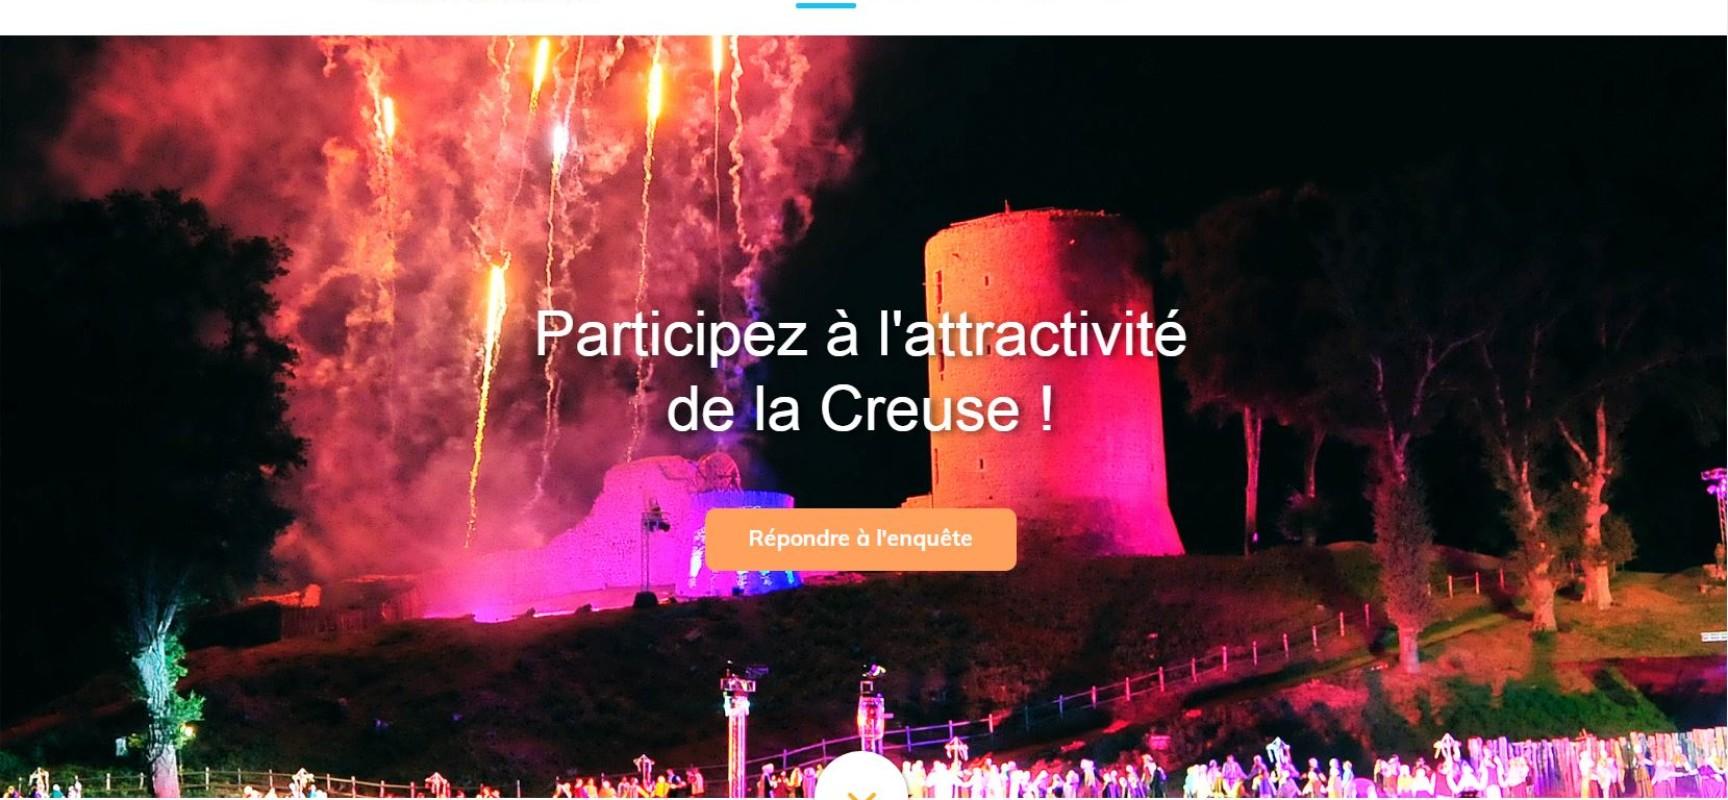 Participez à l'attractivité de la Creuse !